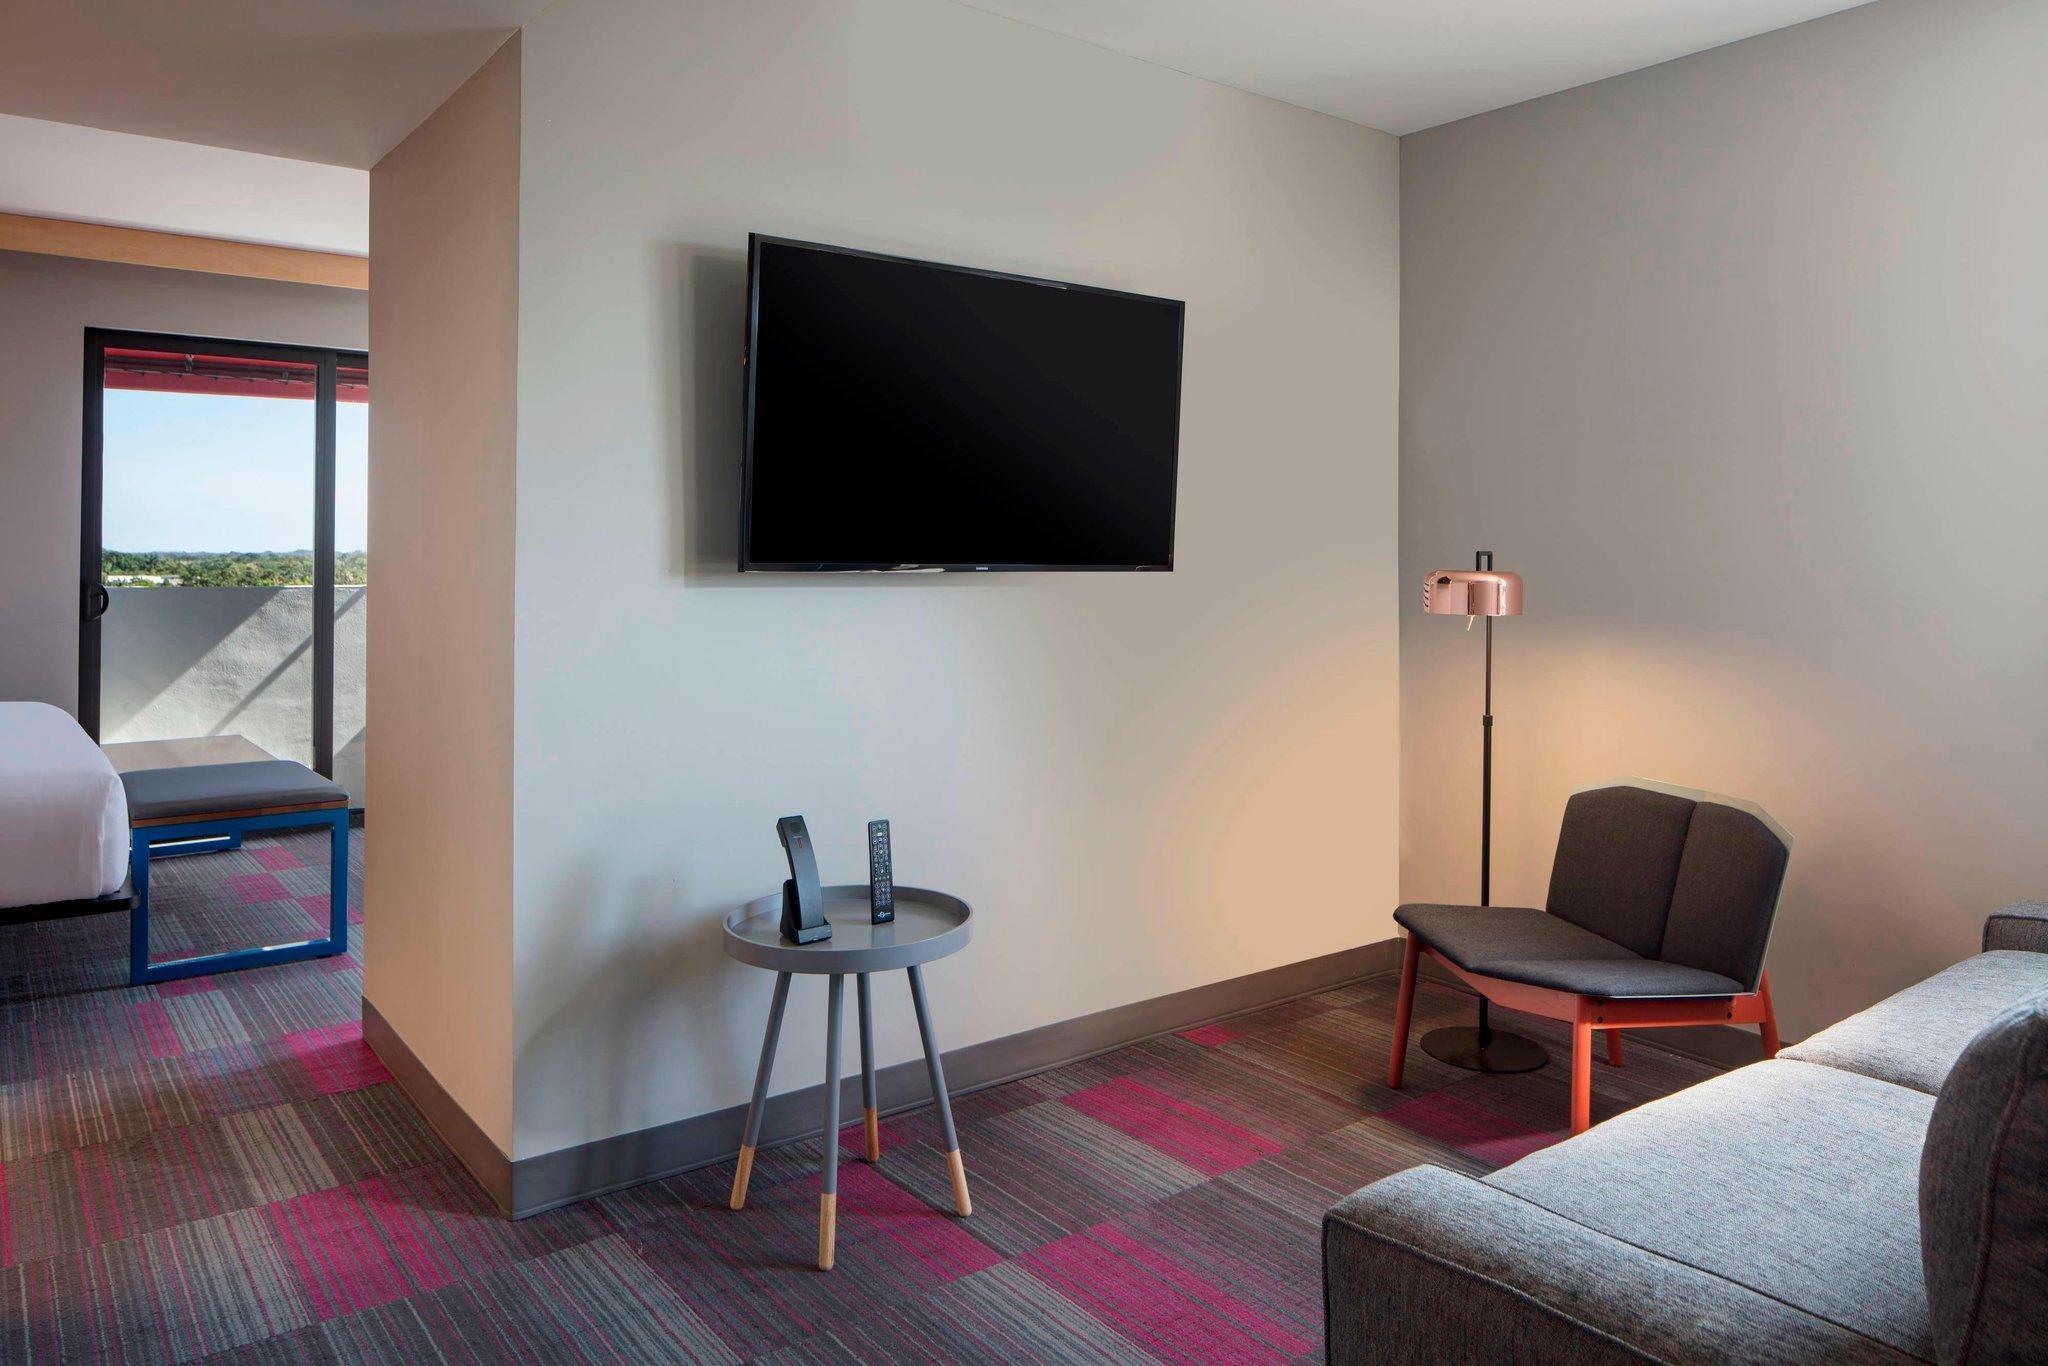 Suite, 1 King, Alternate bed:  sofa bed, Corner room